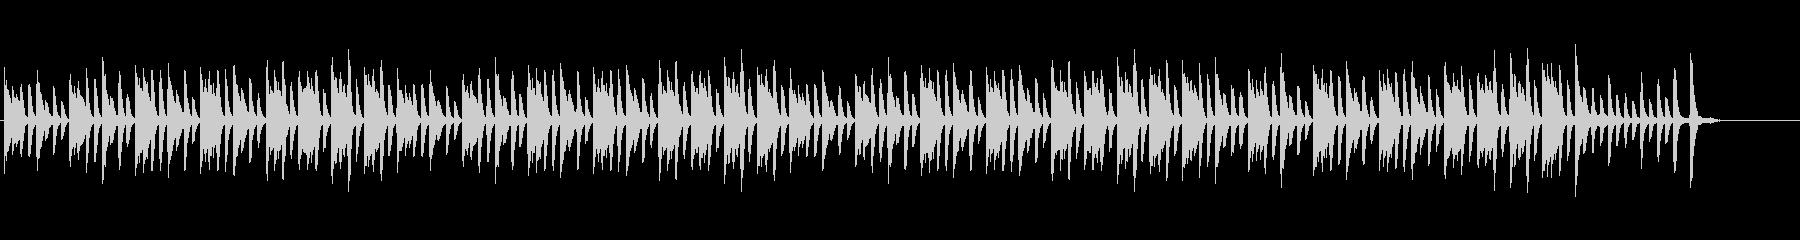 ほのぼの系ピアノソロの未再生の波形